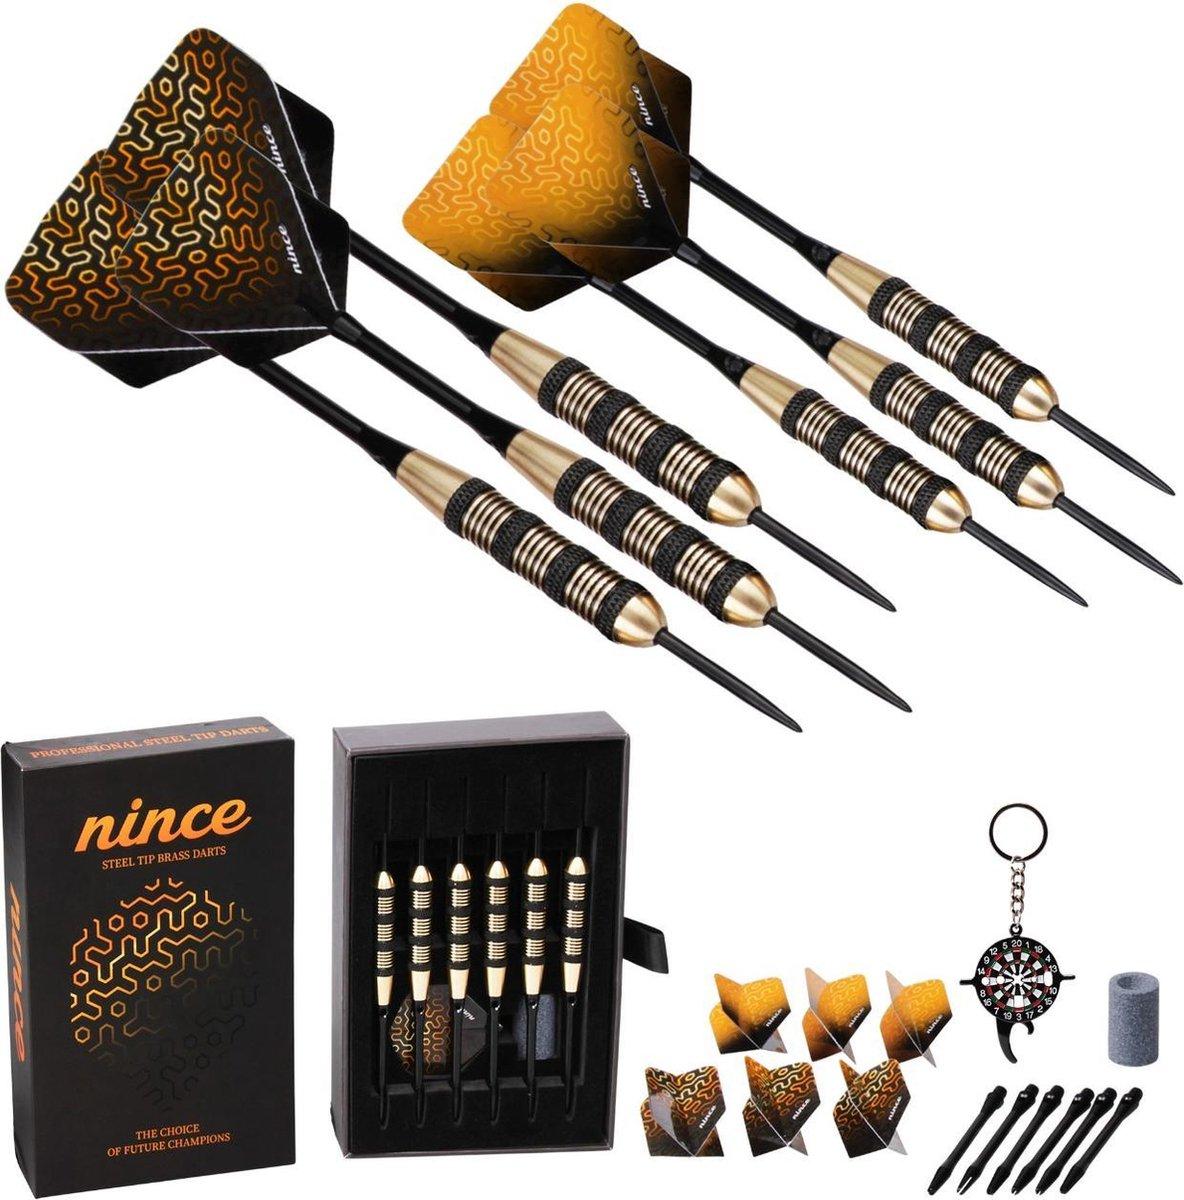 Nince Premium Dartpijlen van Hoge Kwaliteit Steeltip - Set van 6 - Dartpijltjes 23 Gram - Origineel cadeau